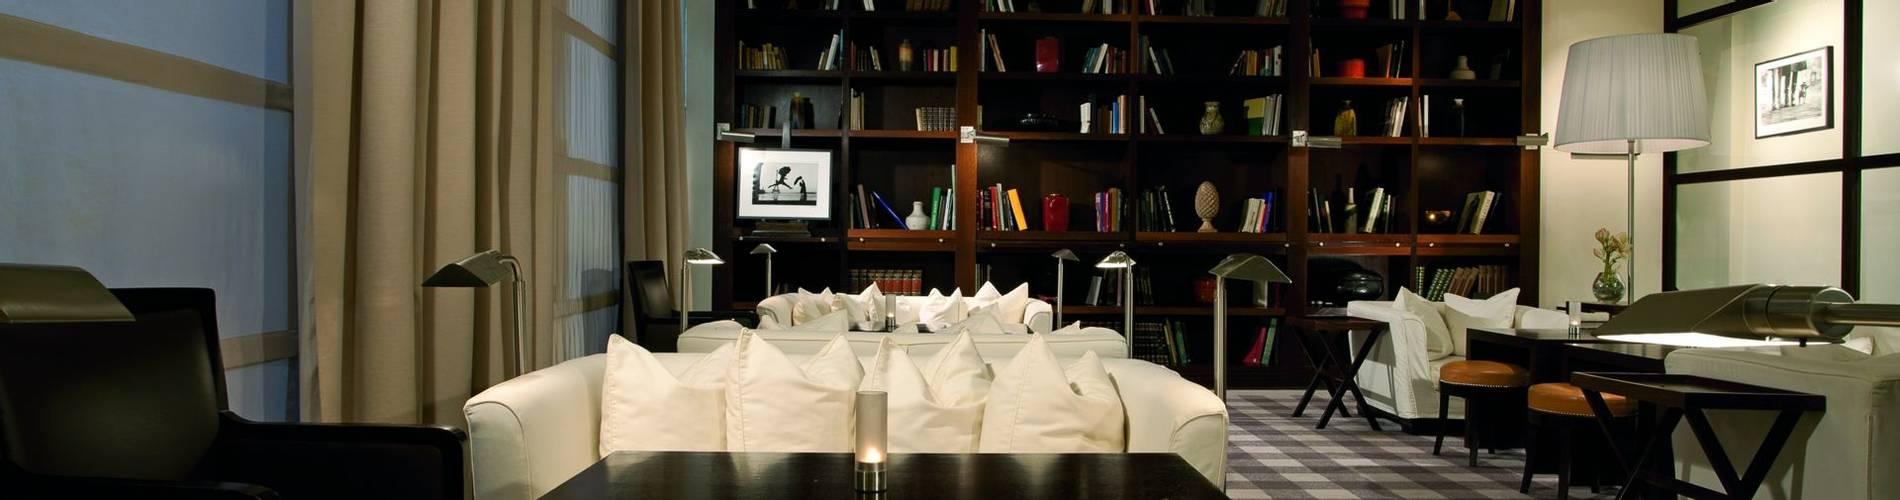 Gallery Art Hotel, Tuscany, Italy (20).JPG